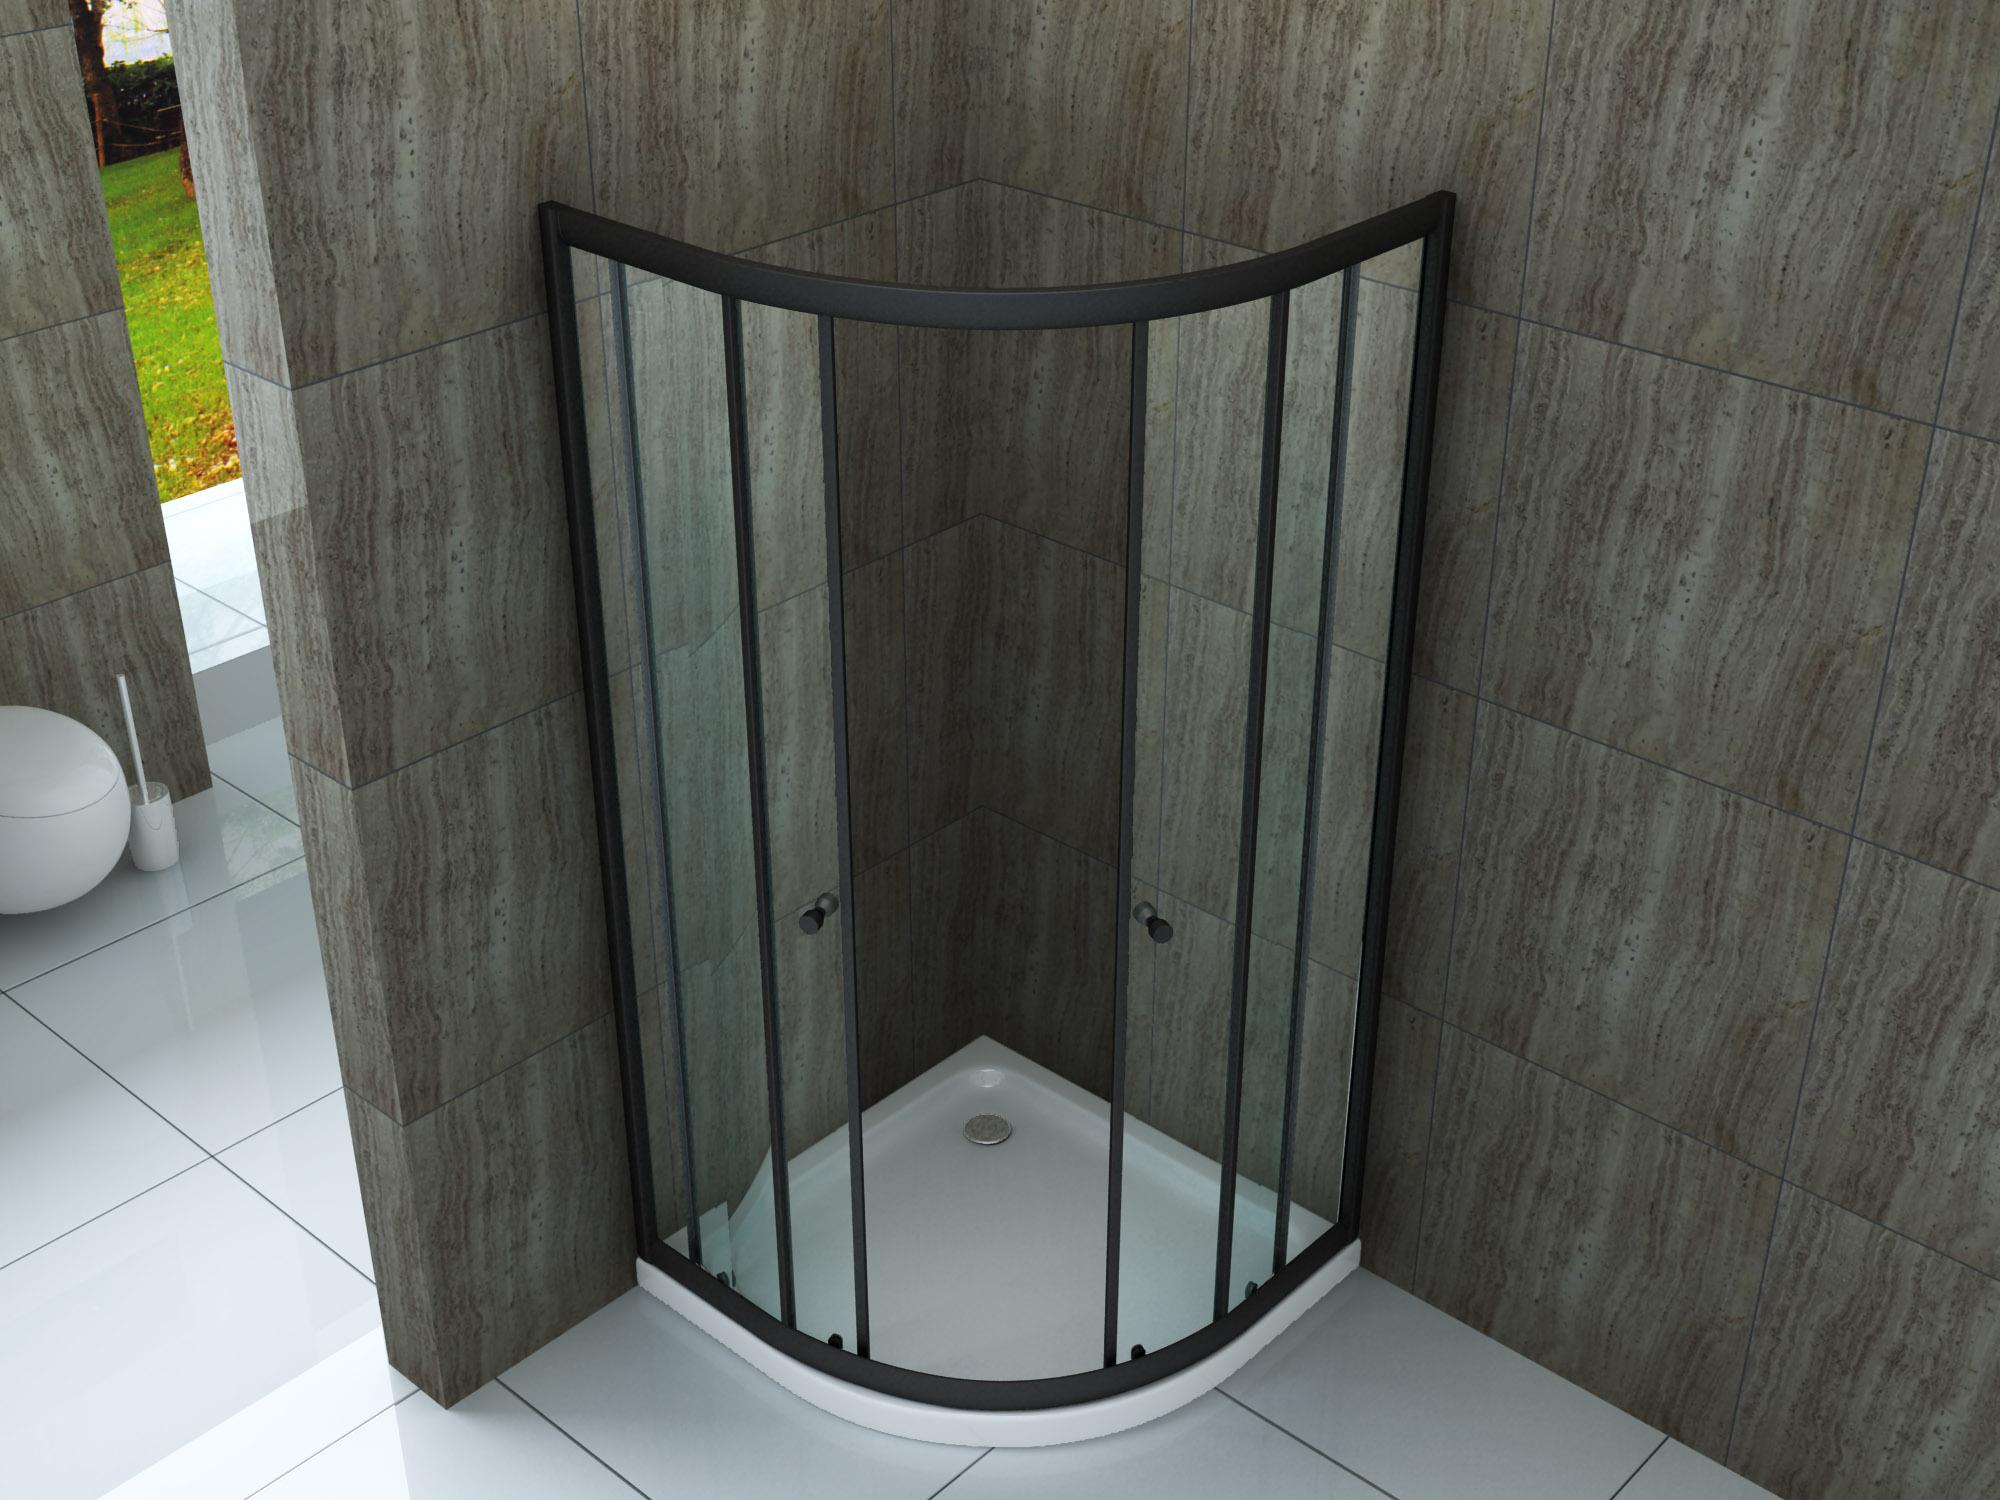 Duschkabine ST02 (schwarz) 90 x 90 x 190 cm ohne Duschtasse